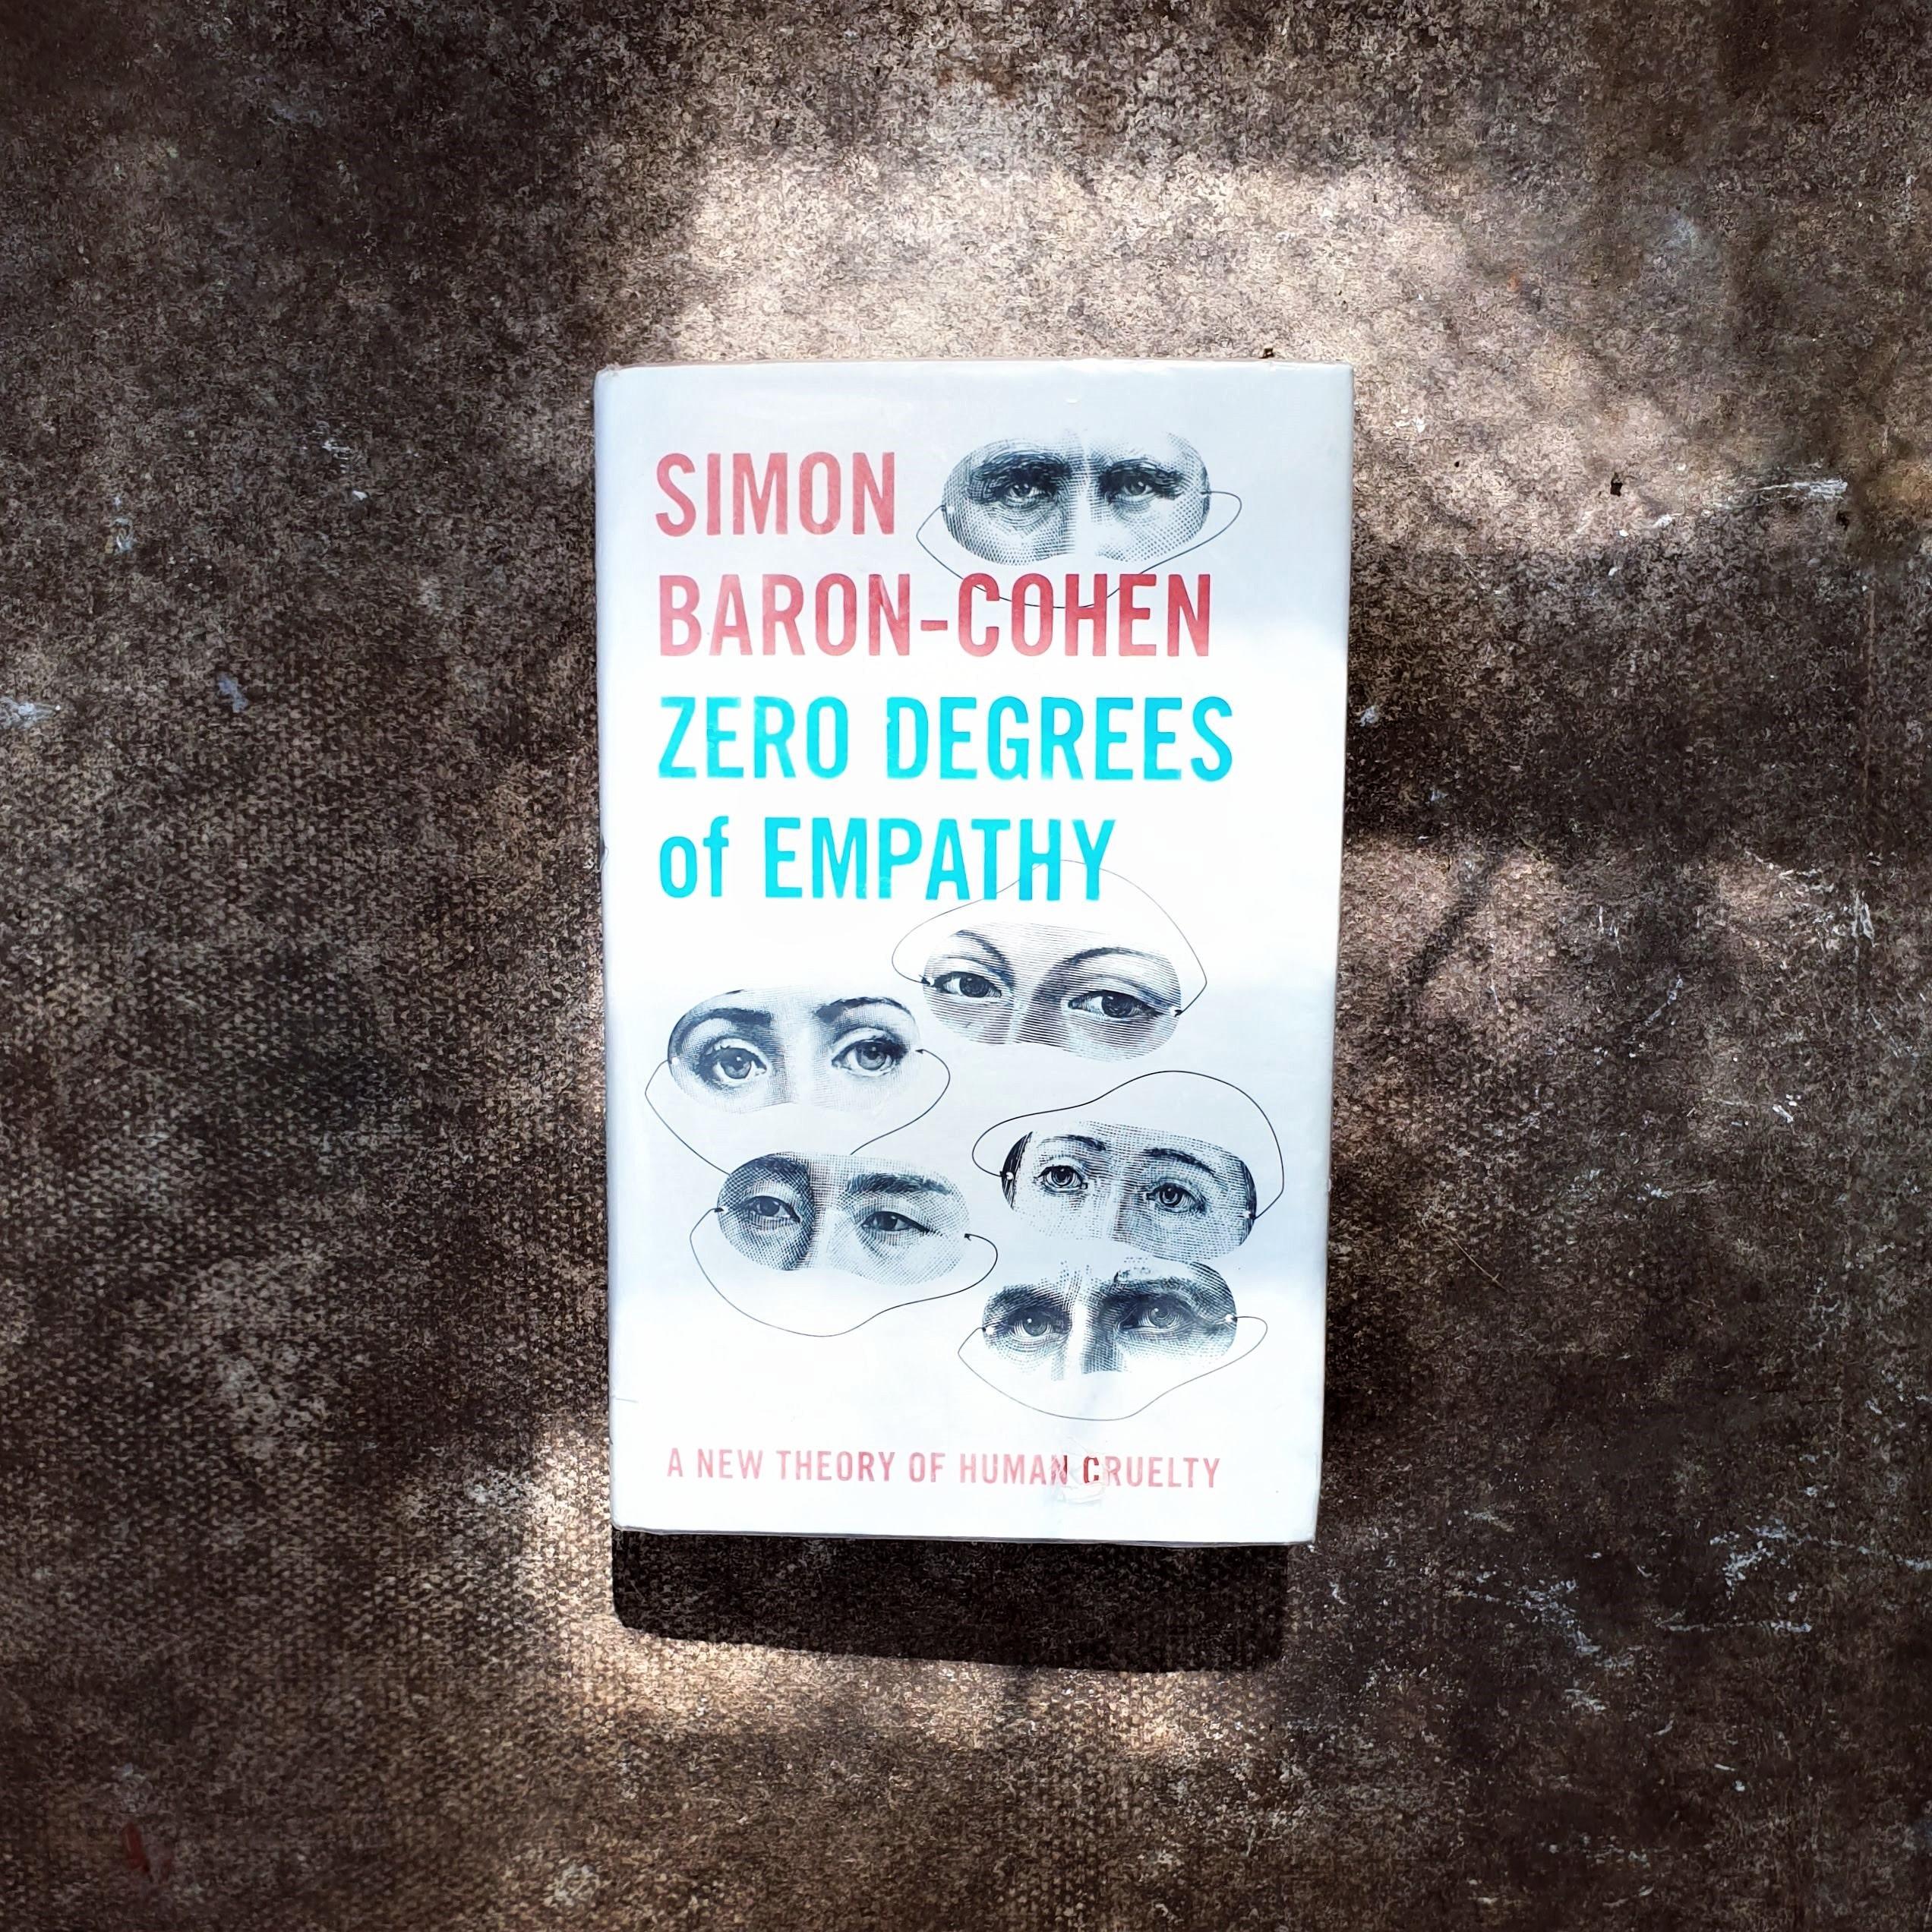 Zero Degrees of Empathy by Simon Baron-Cohen